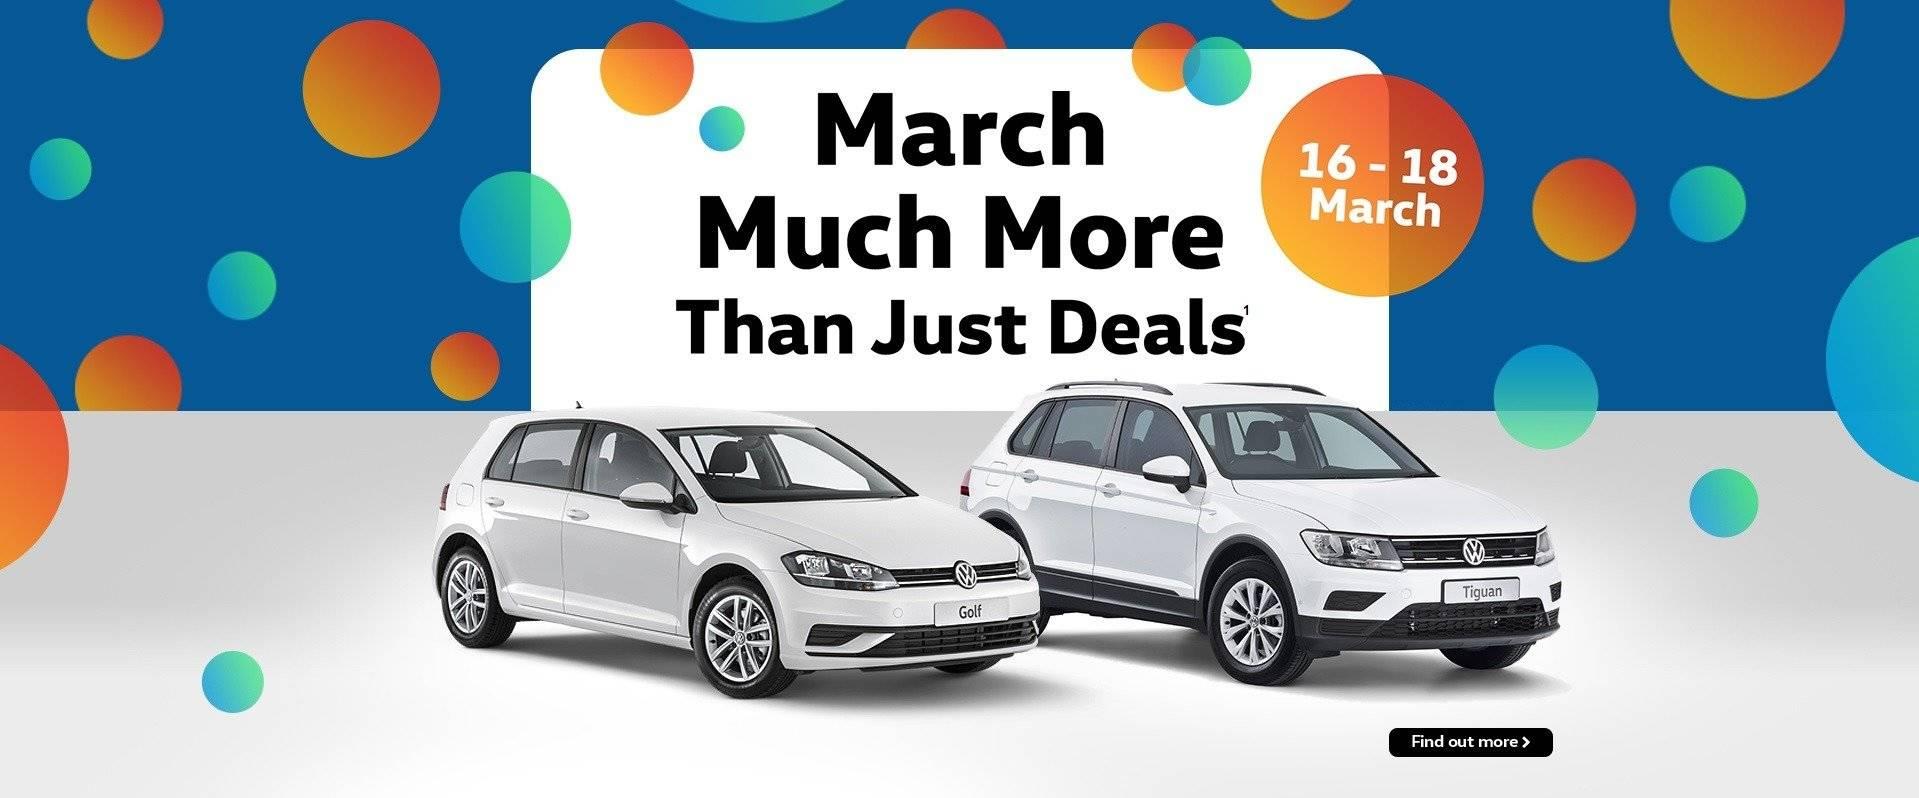 March Deals